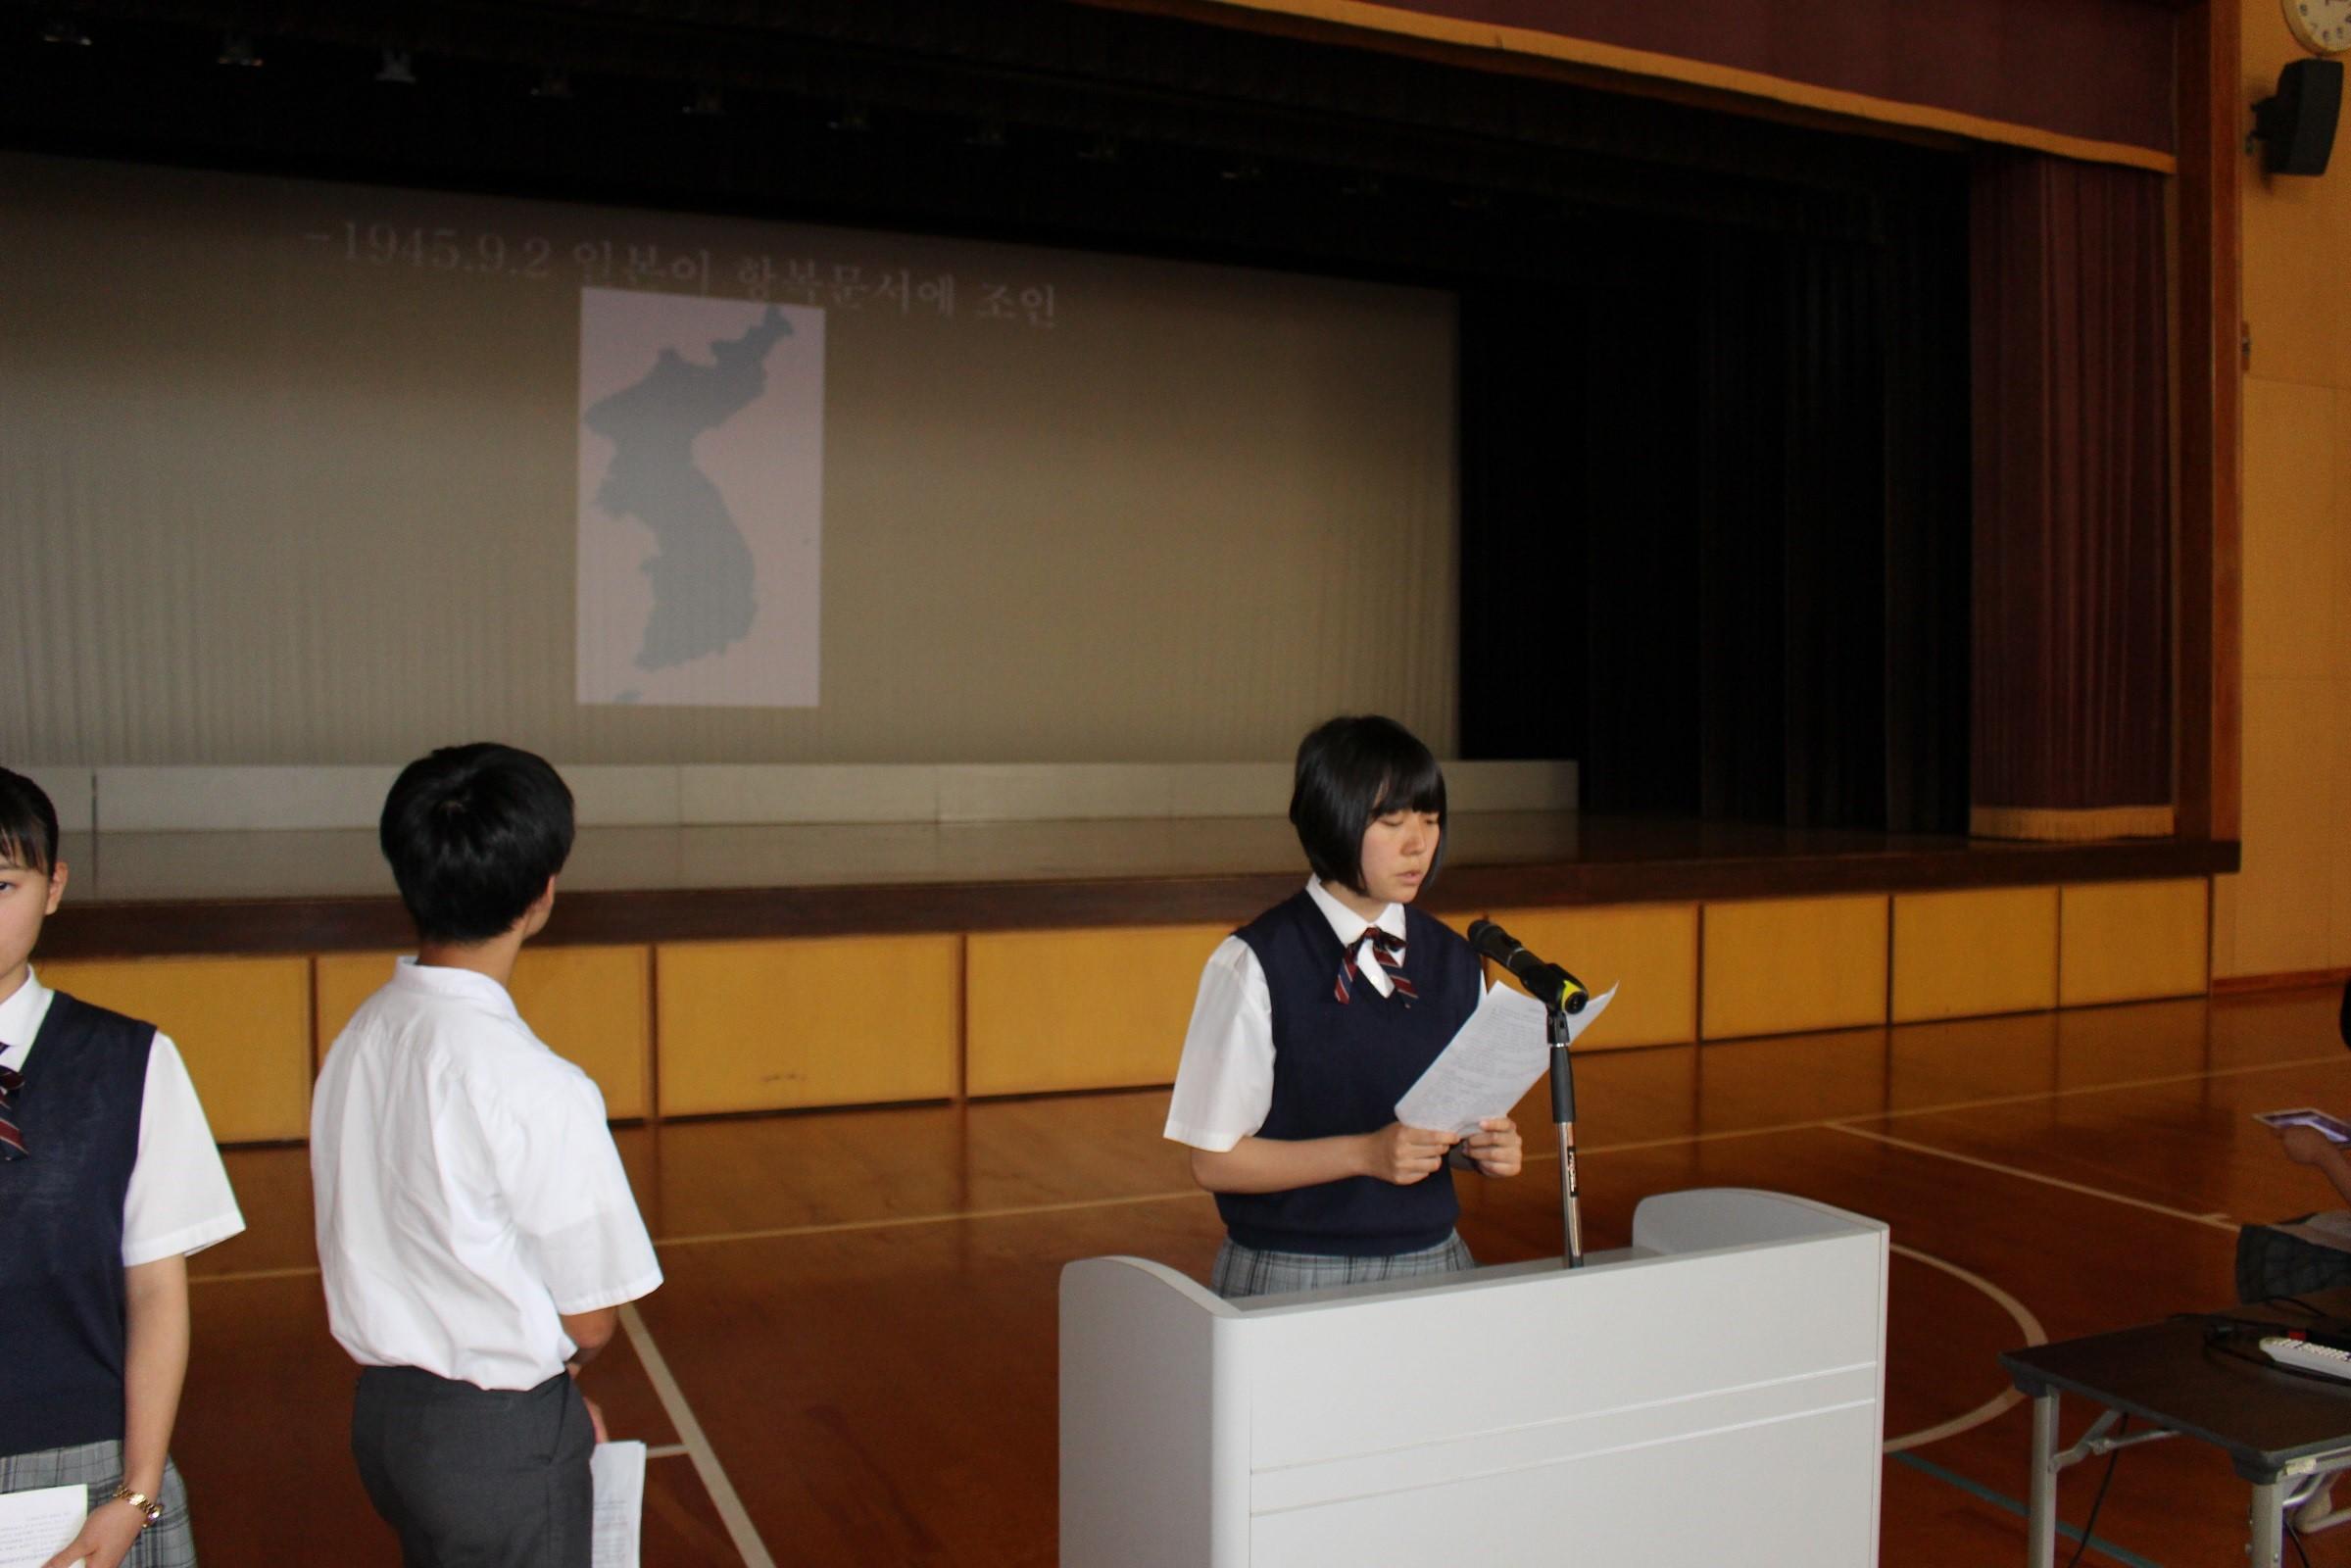 祖国統一に関する研究発表会のイメージ